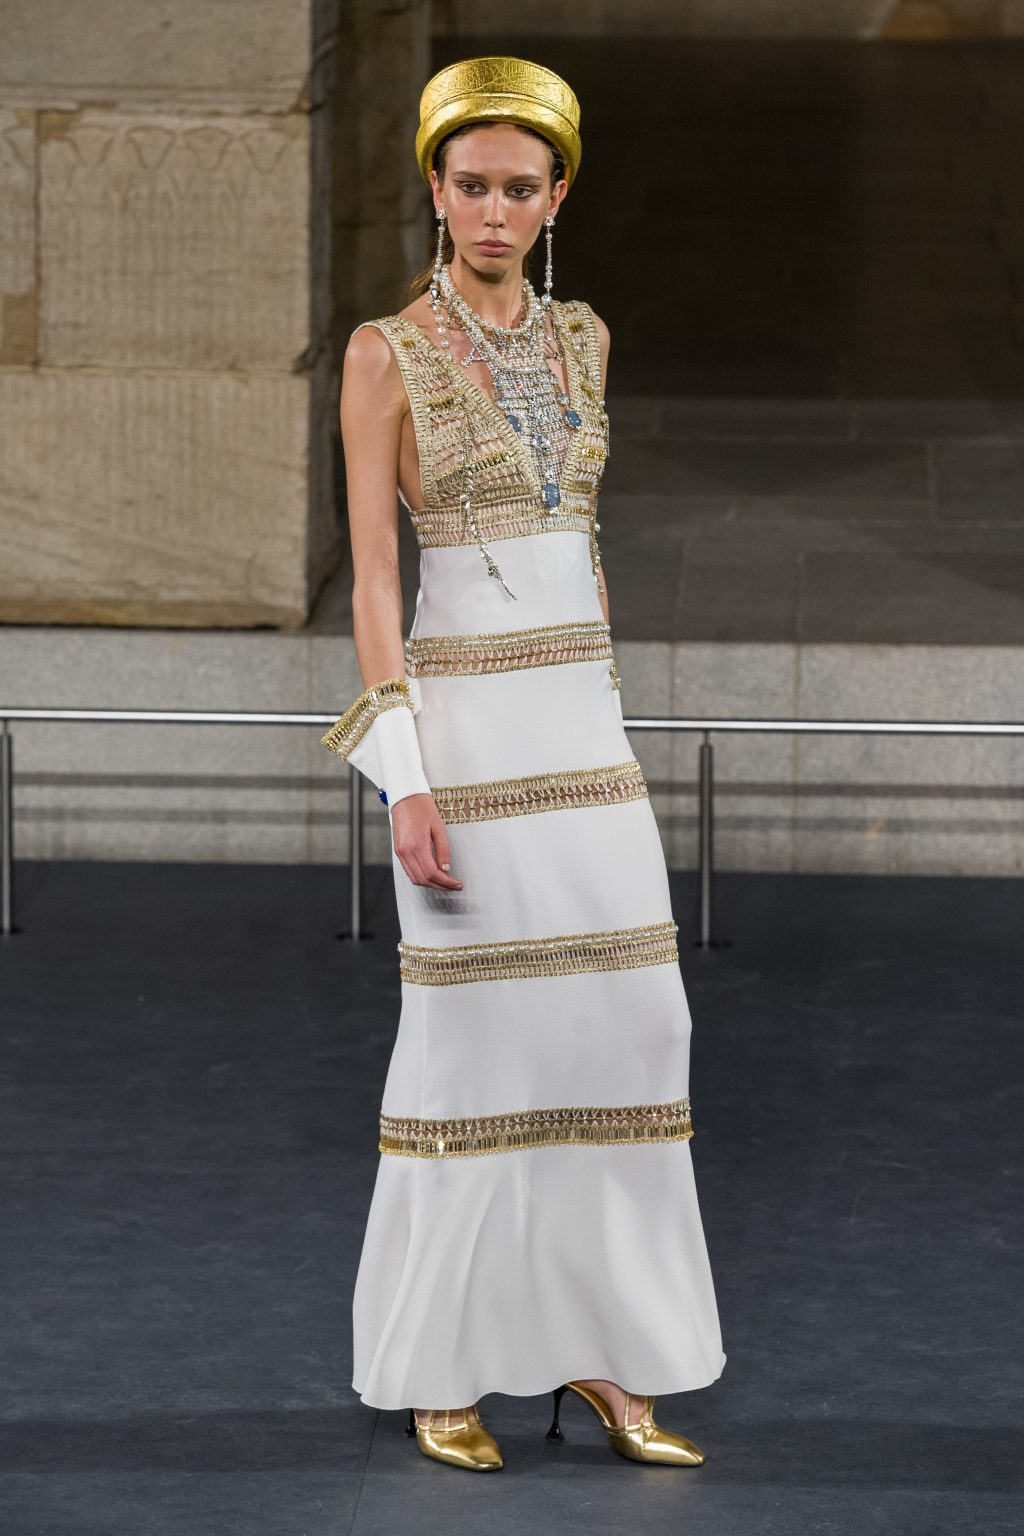 bộ sưu tập Chanel Métiers d'Art 2019 2